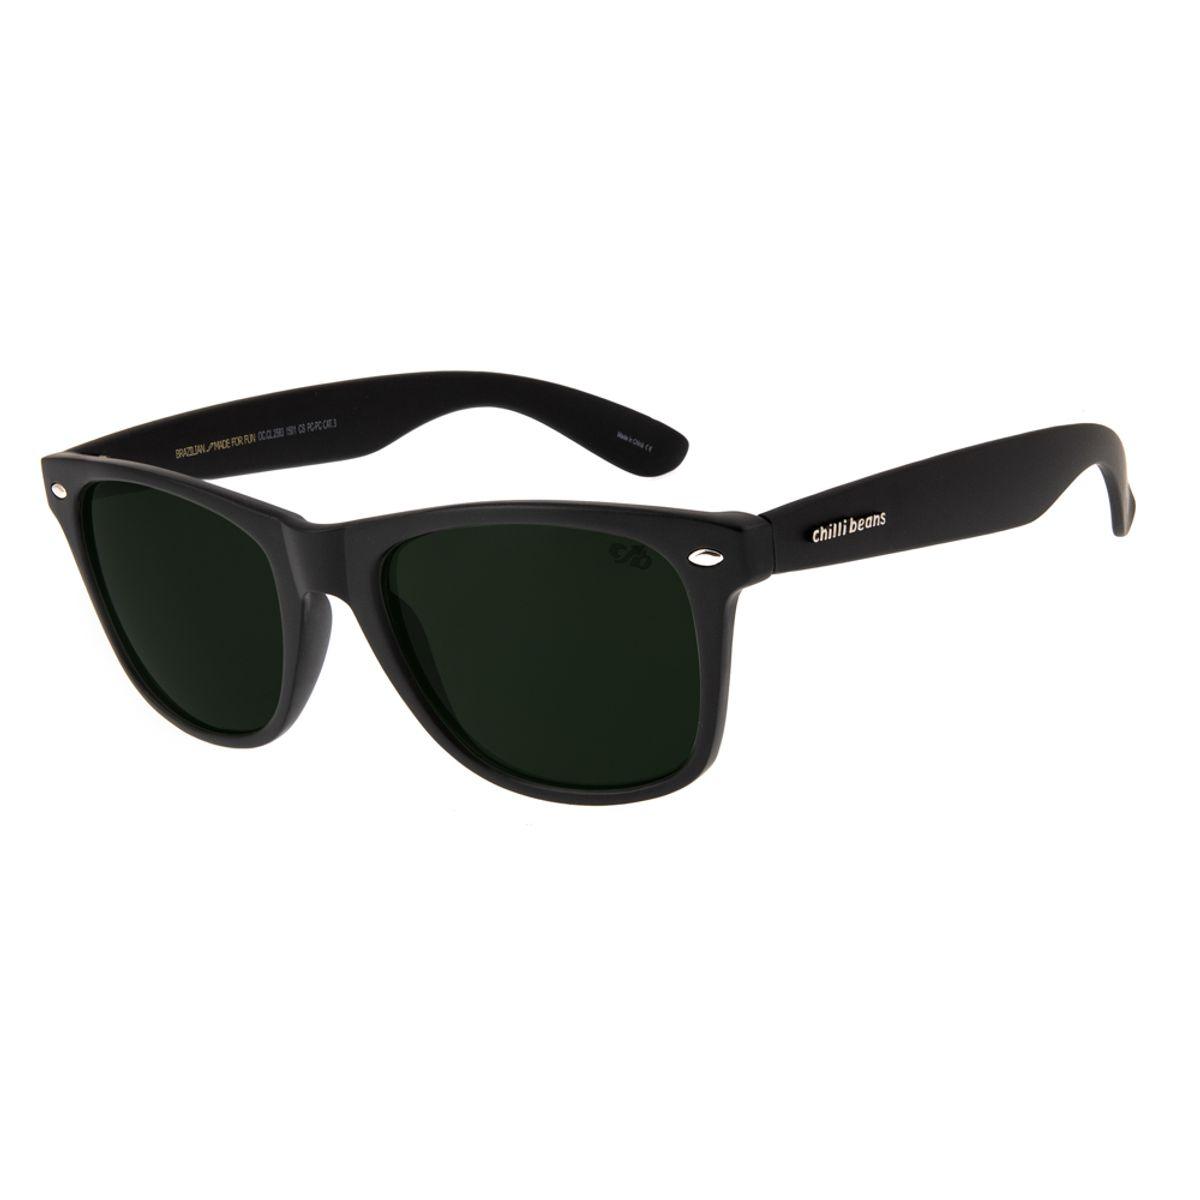 d33bd2c2193aa Óculos de Sol Chilli Beans Unissex Bossa Nova Preto Fosco 2583 ...